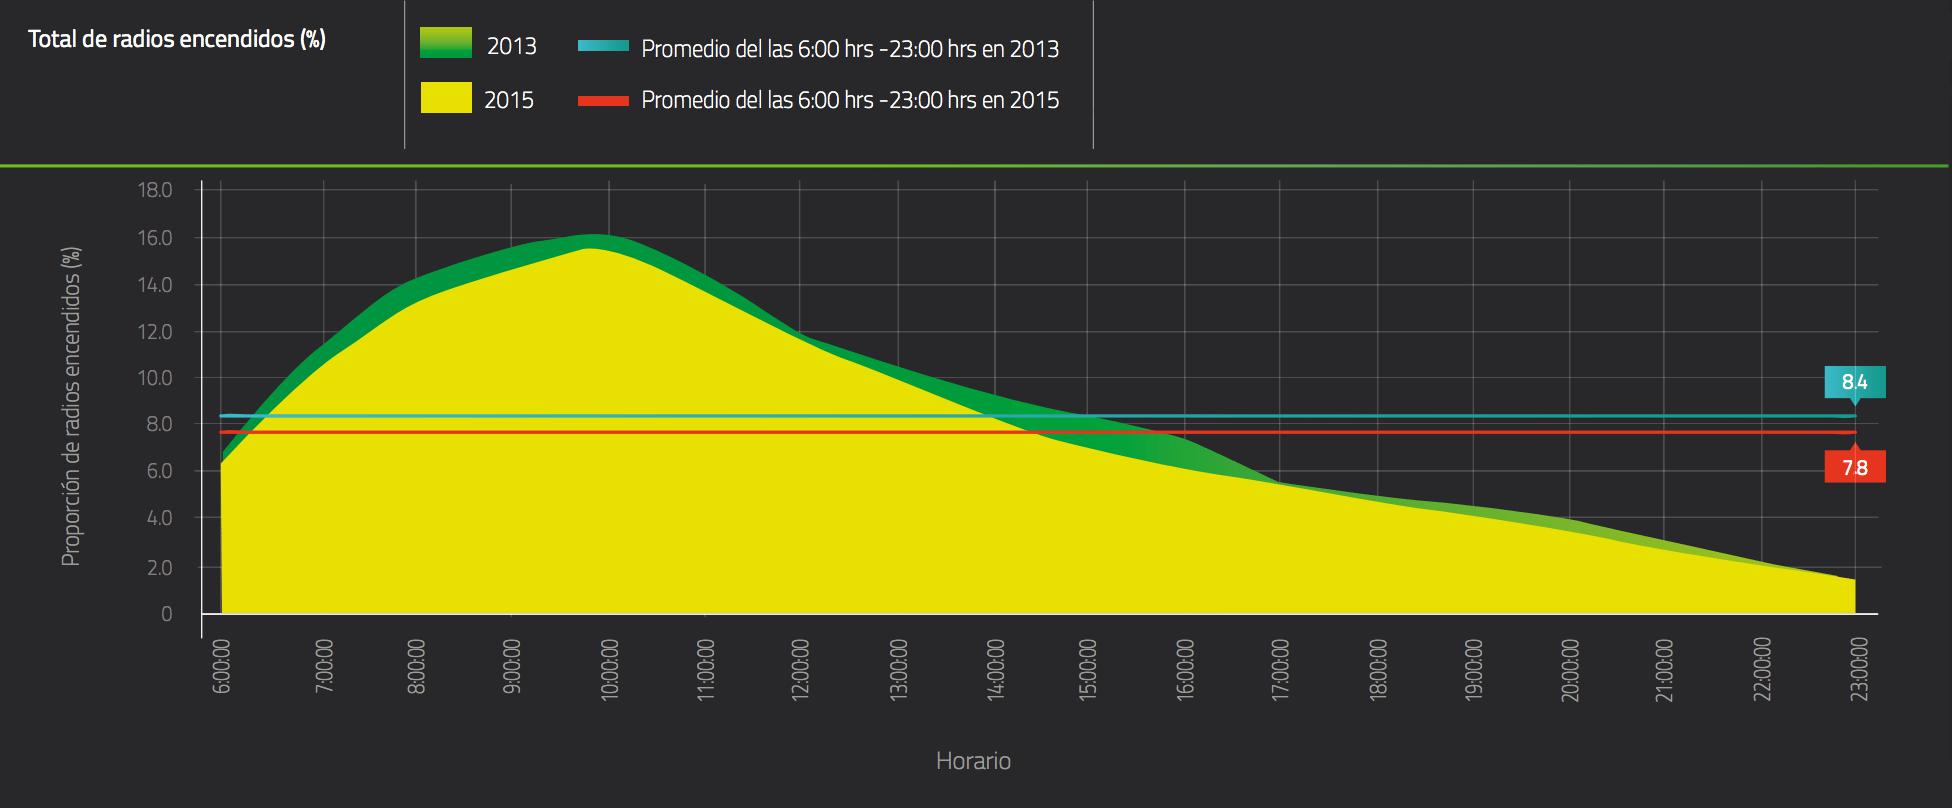 El nivel de radios encendidos es un indicador que mide el nivel de exposición a la radio para la población estudiada en un intervalo de tiempo determinado. De acuerdo con el IFT, la proporción promedio de radios encendidos fue 8.4% en 2013, y de 7.8% en el 2015.